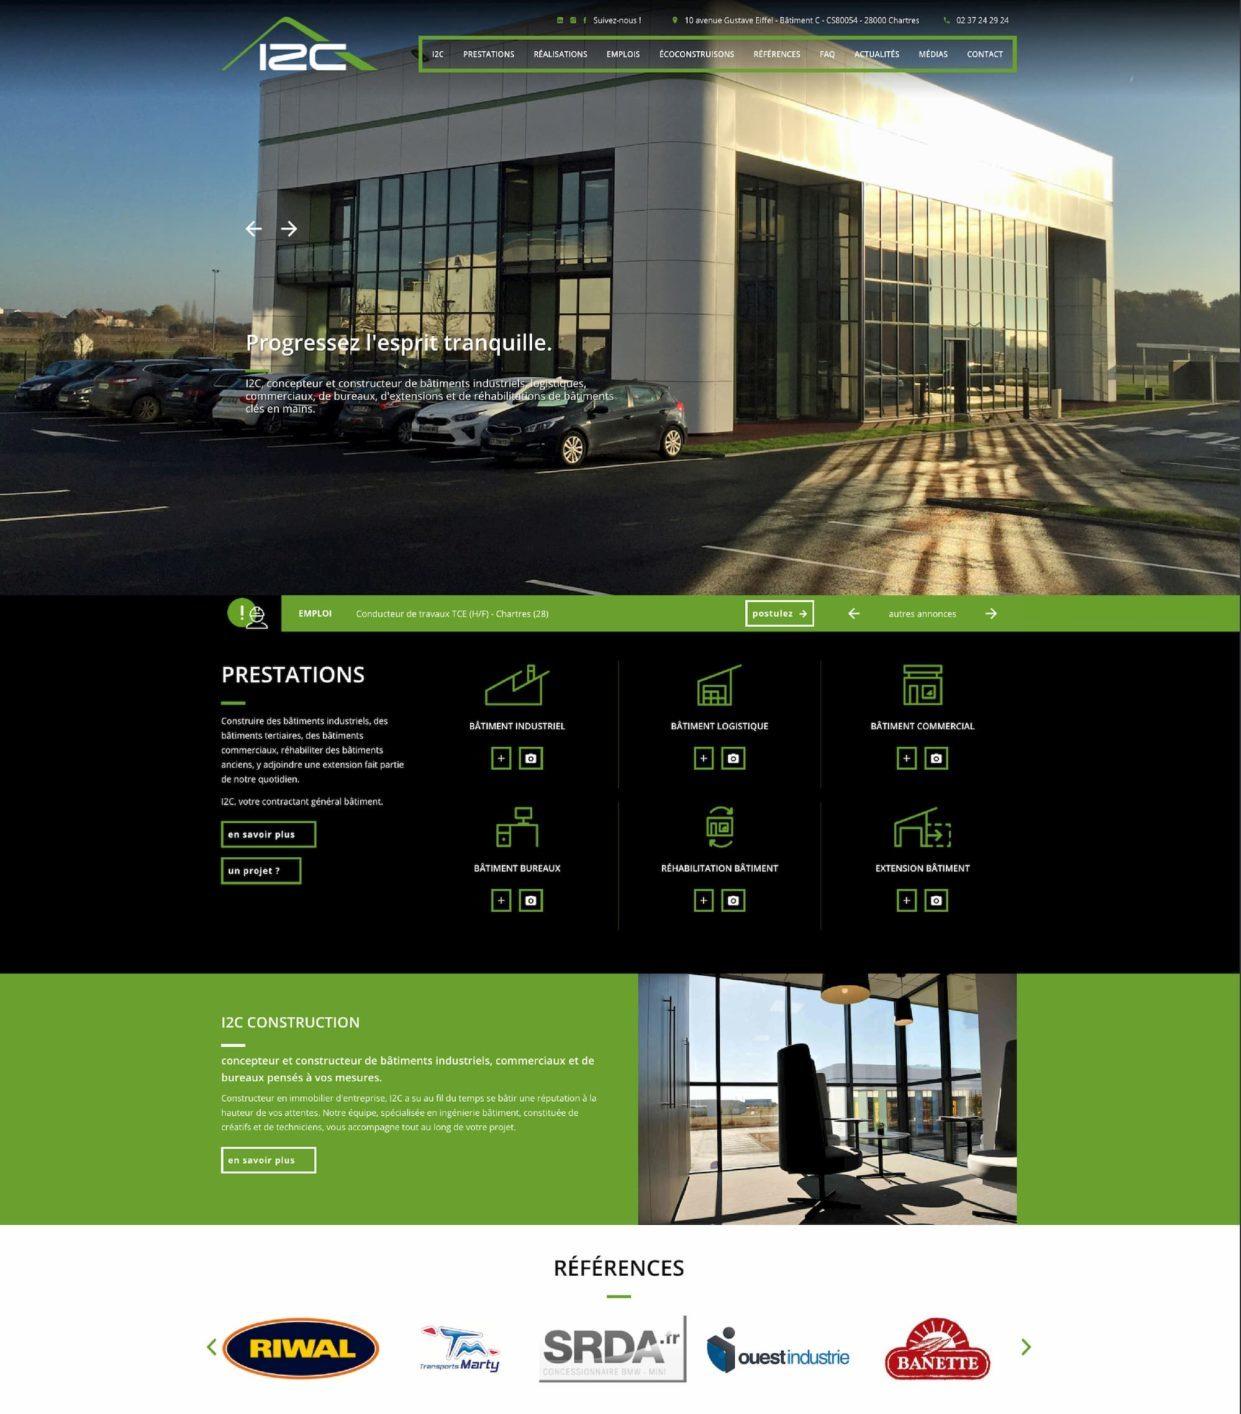 I2C, concepteur et constructeur de bâtiments industriels sur-mesure